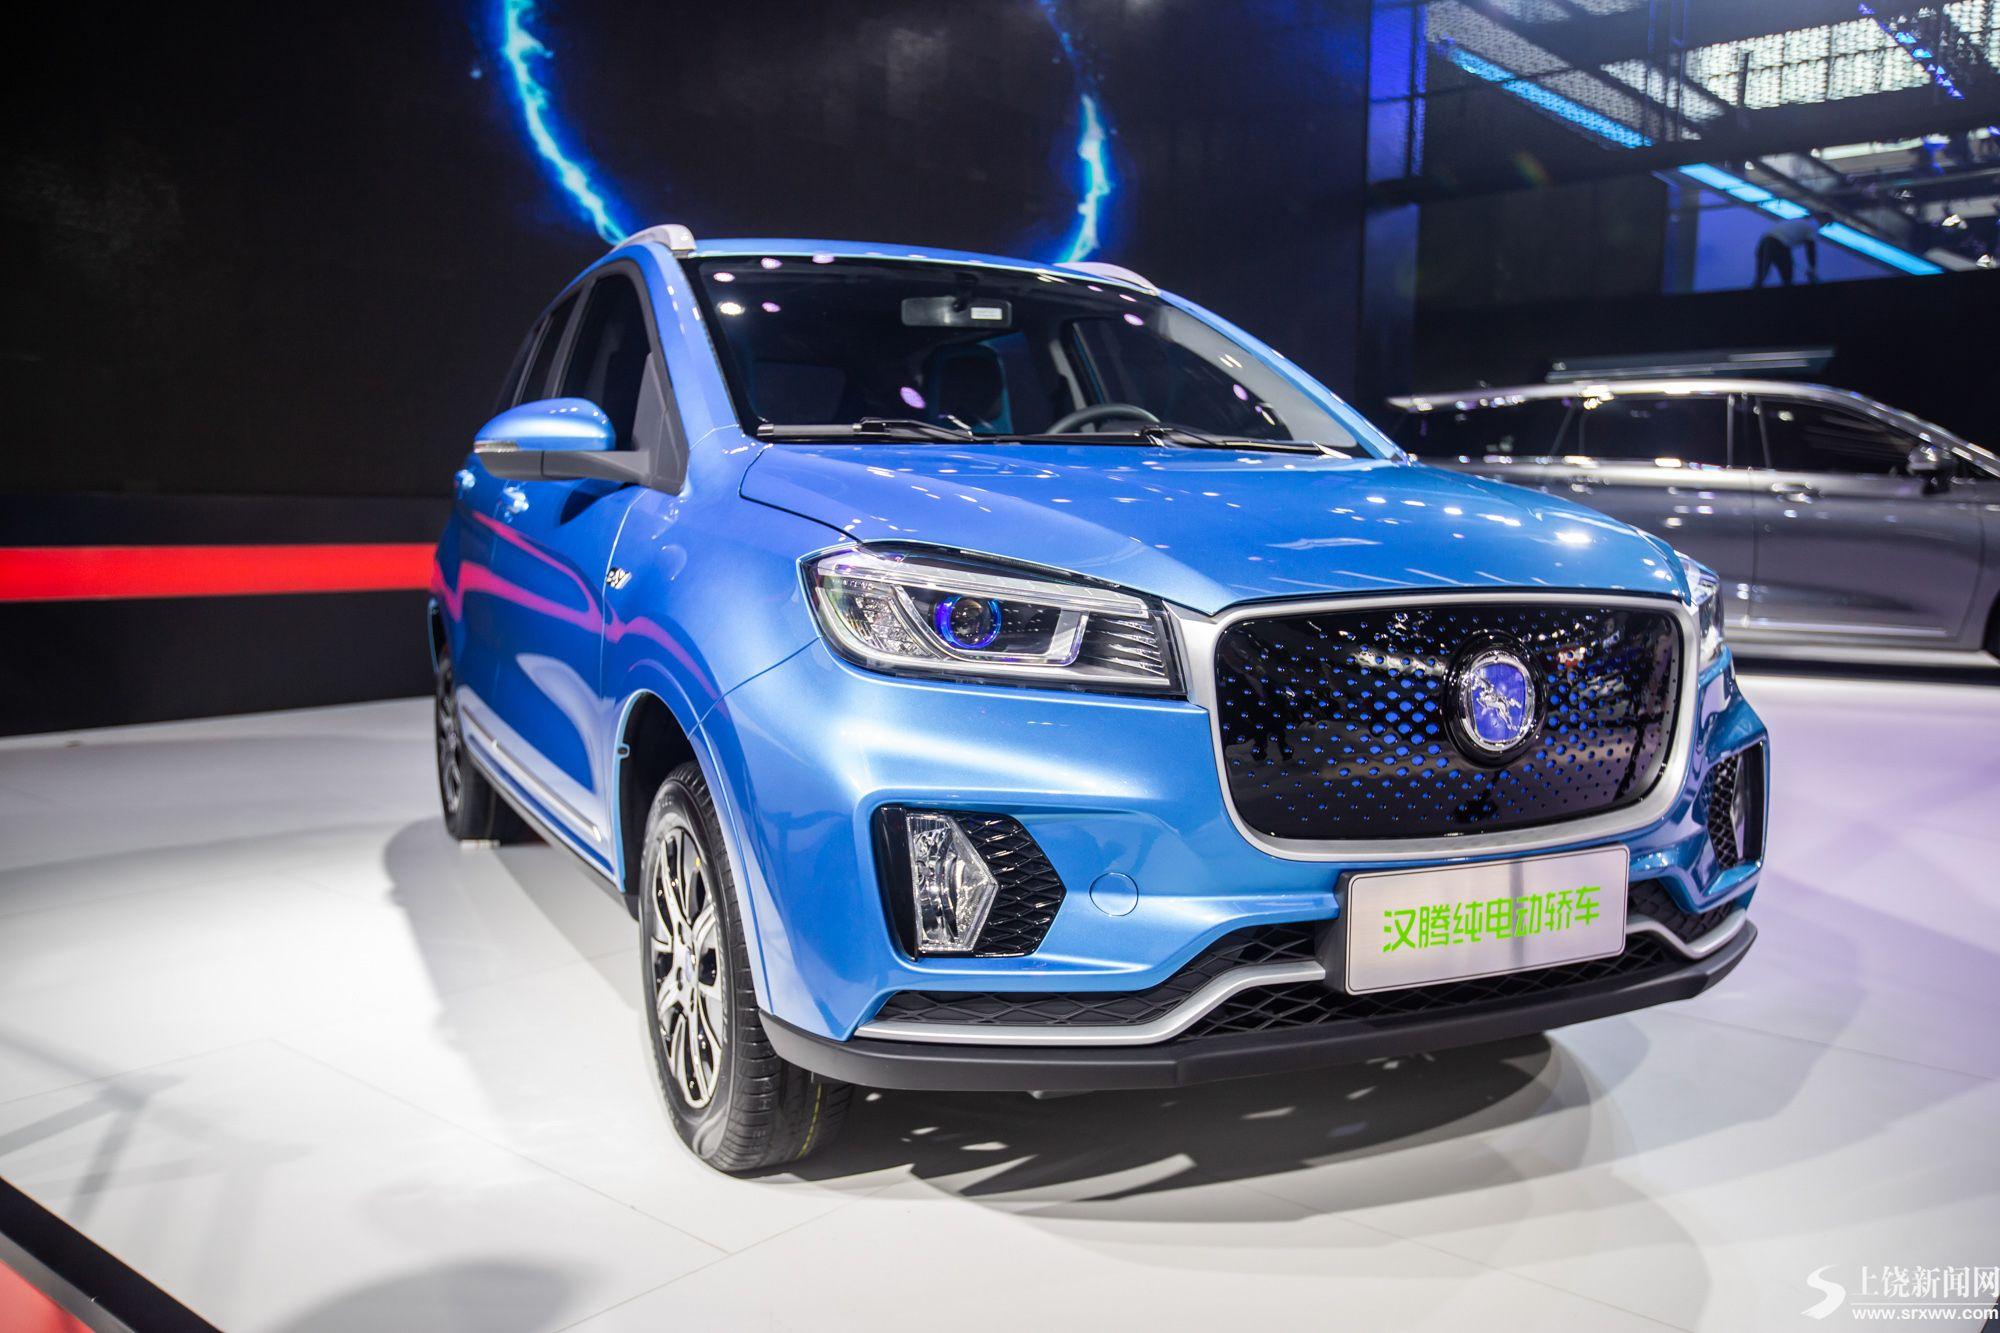 汉腾轿车资质正式获批  首款电动轿车年内上市